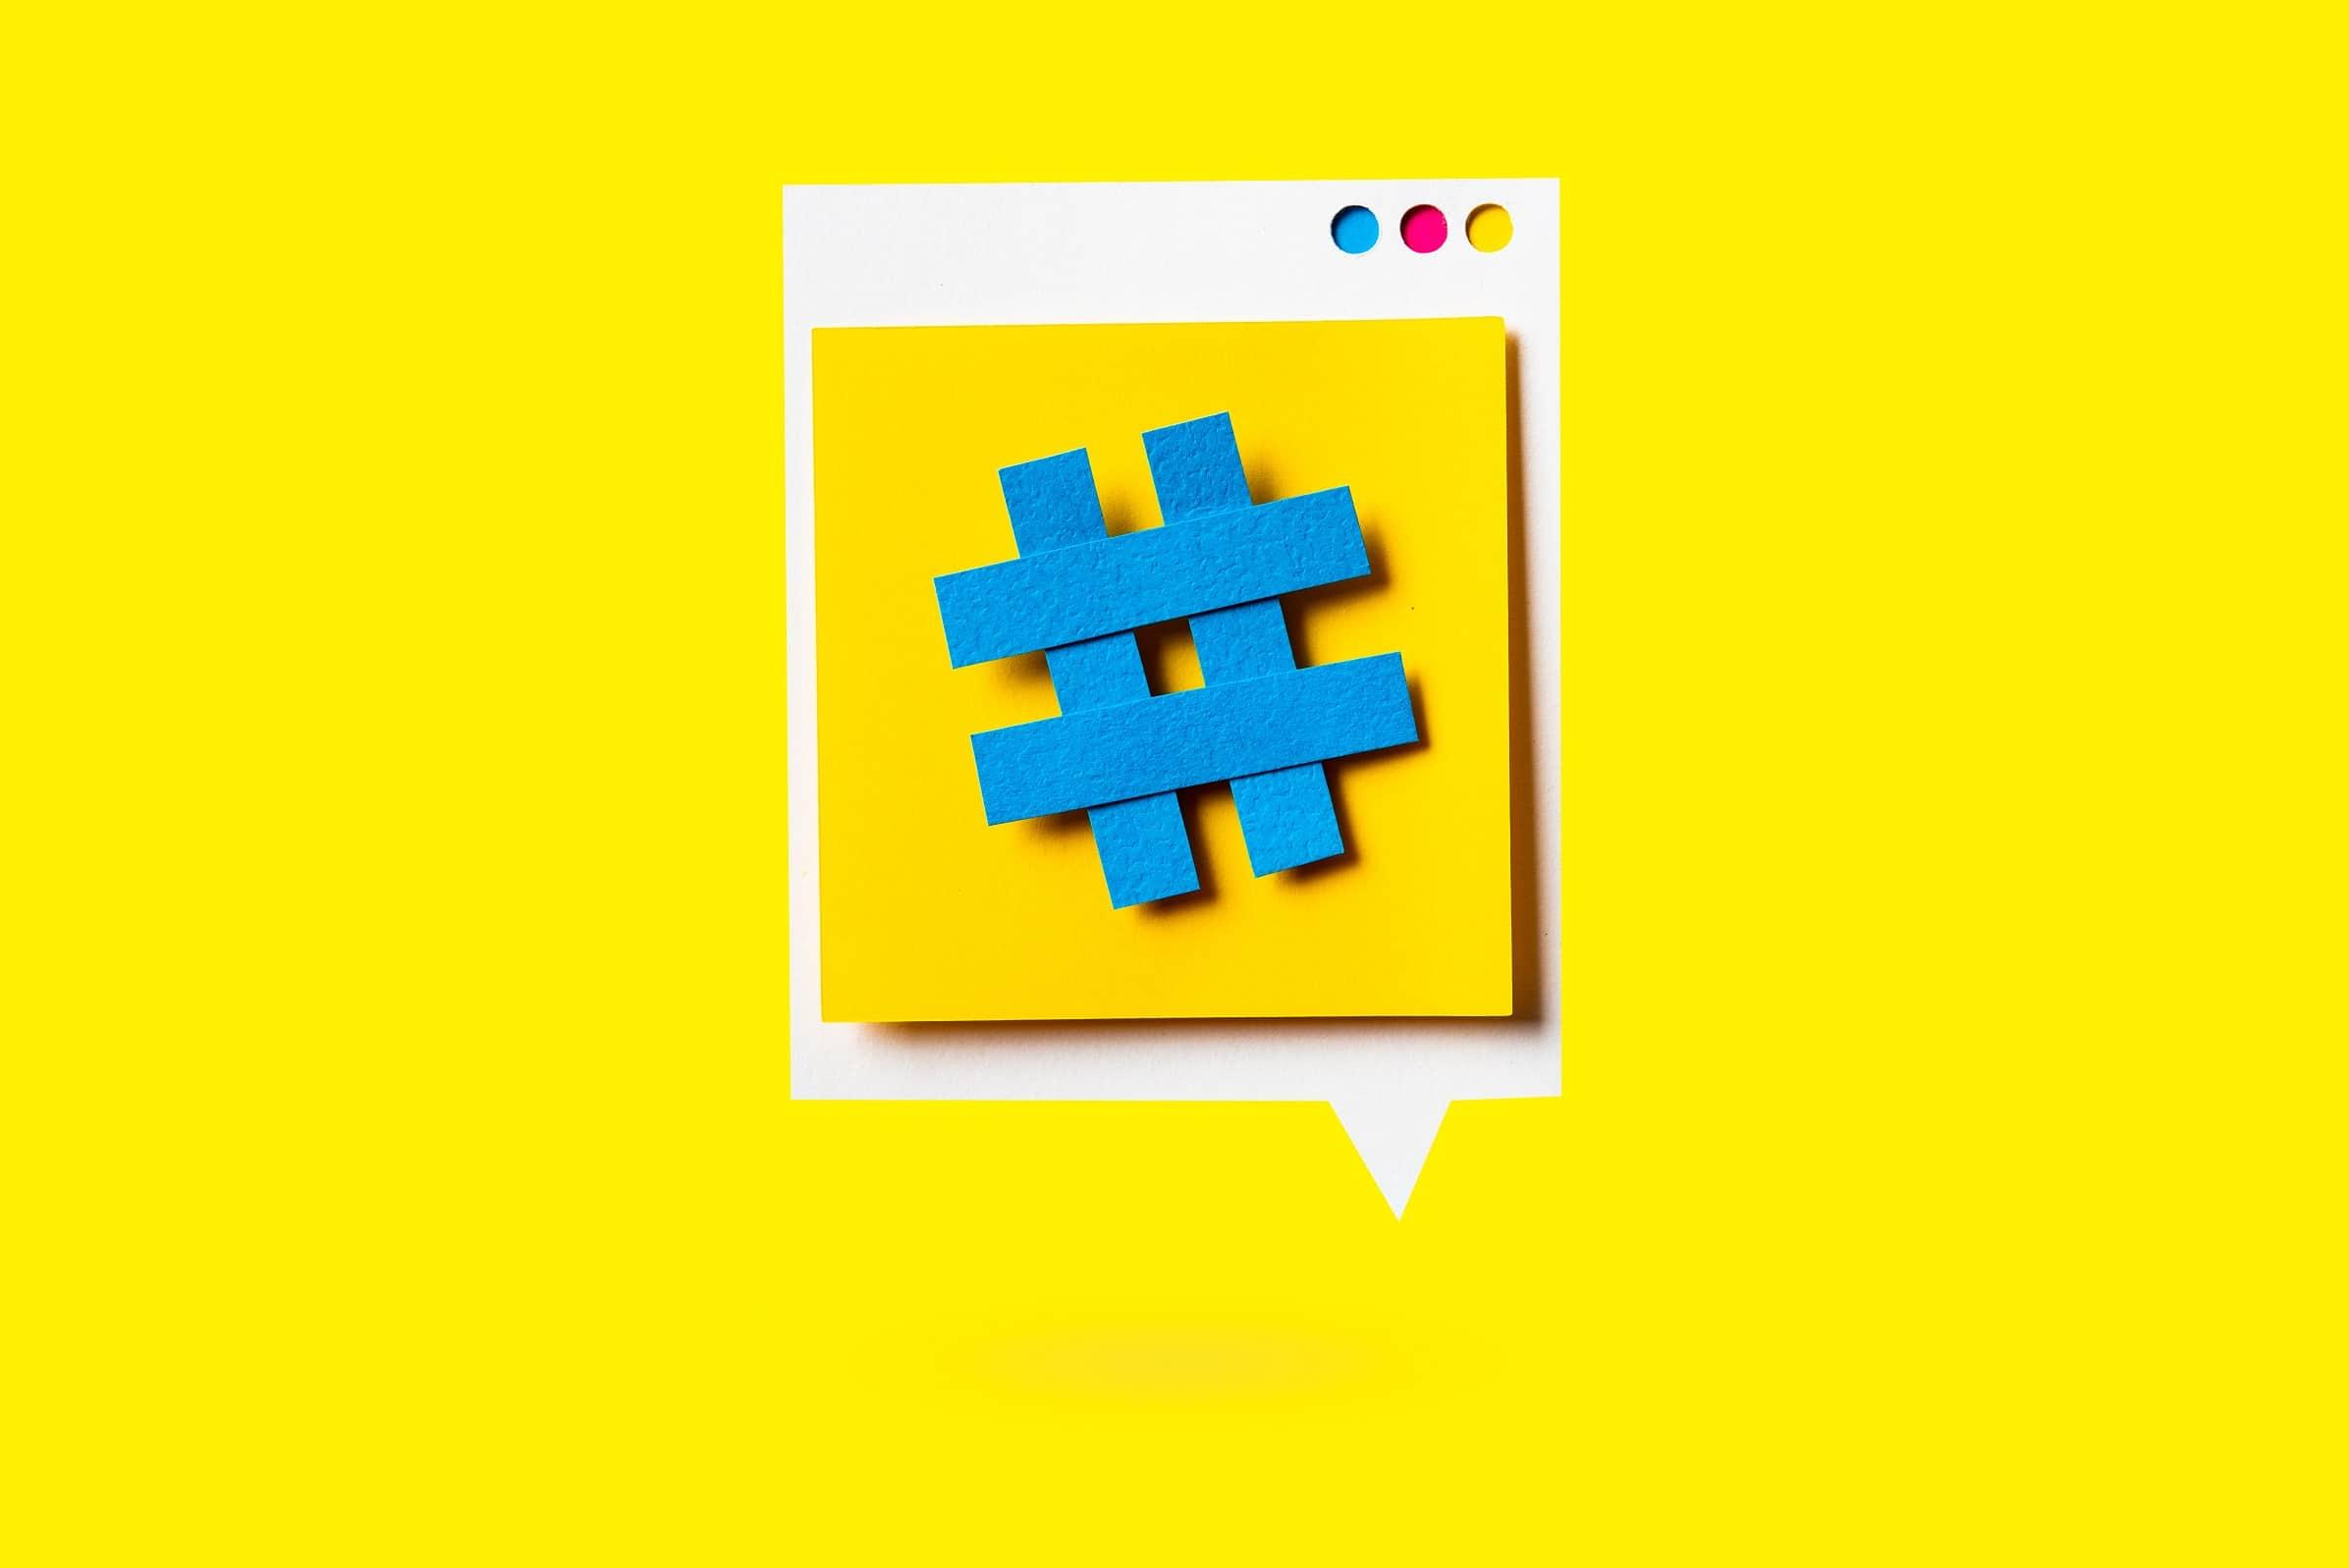 שנה ויראלית: האם תצליחו לזהות את כל הטרנדים והאתגרים שכבשו את הרשת ב-2020?